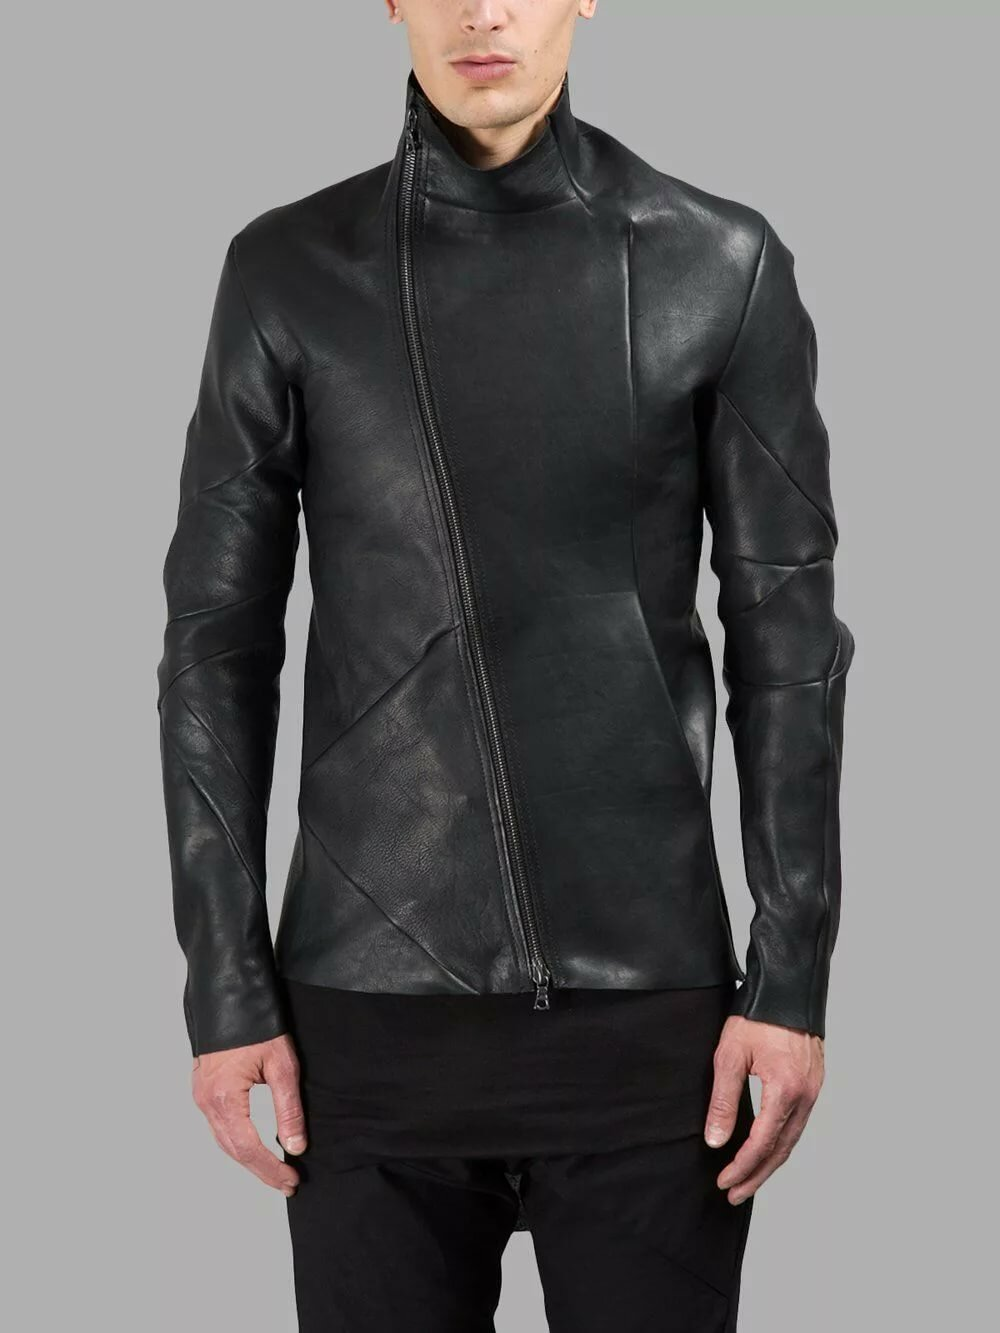 фашисты второй фото дизайн куртки кожа ткань мужская владельцы временно